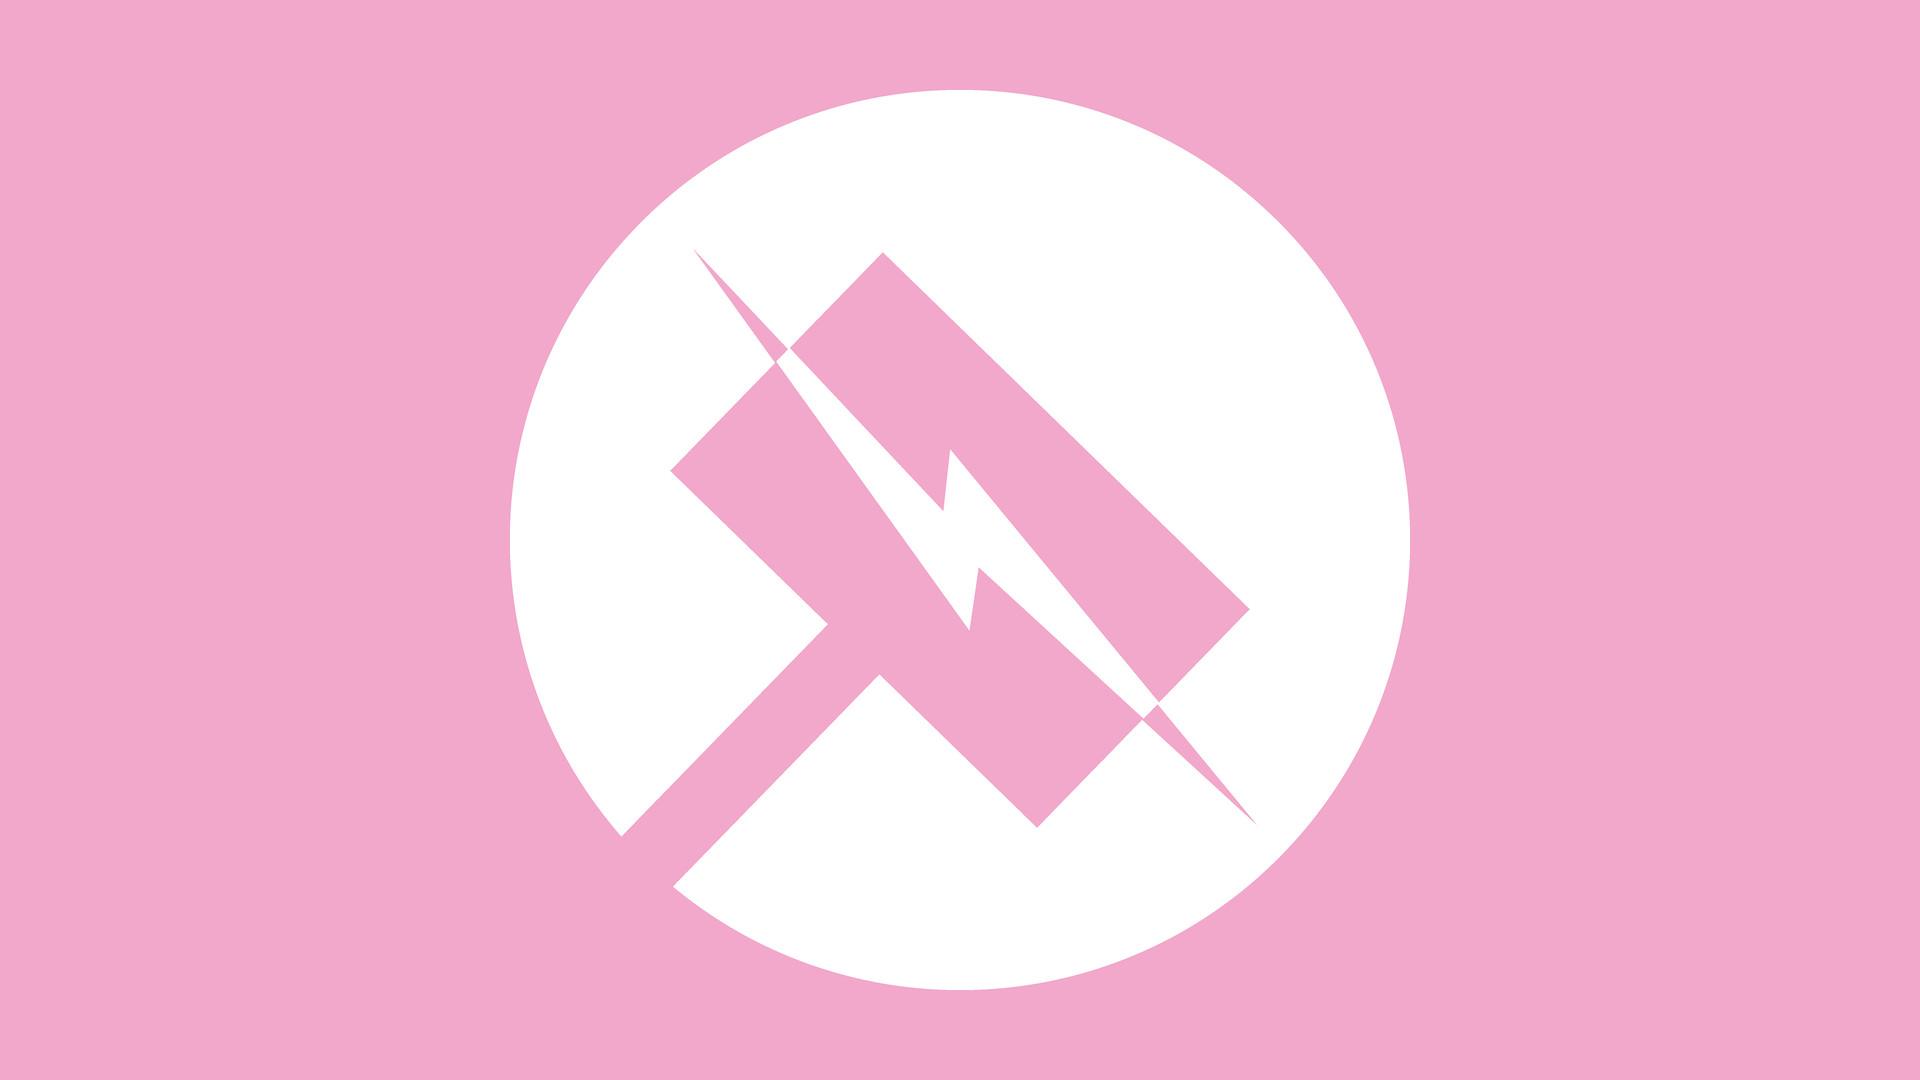 Nora's Emblem